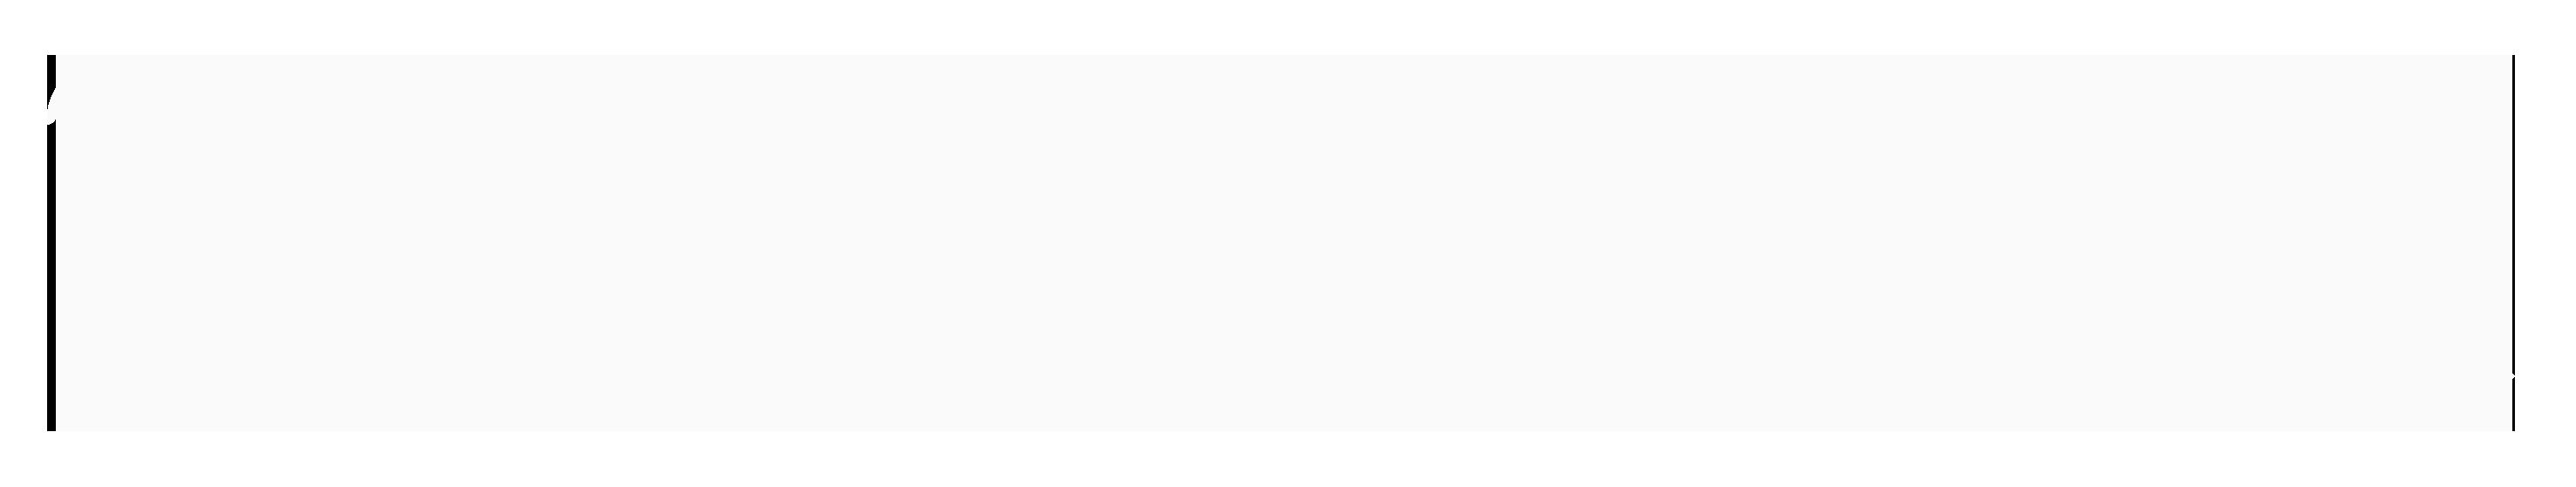 Maki.